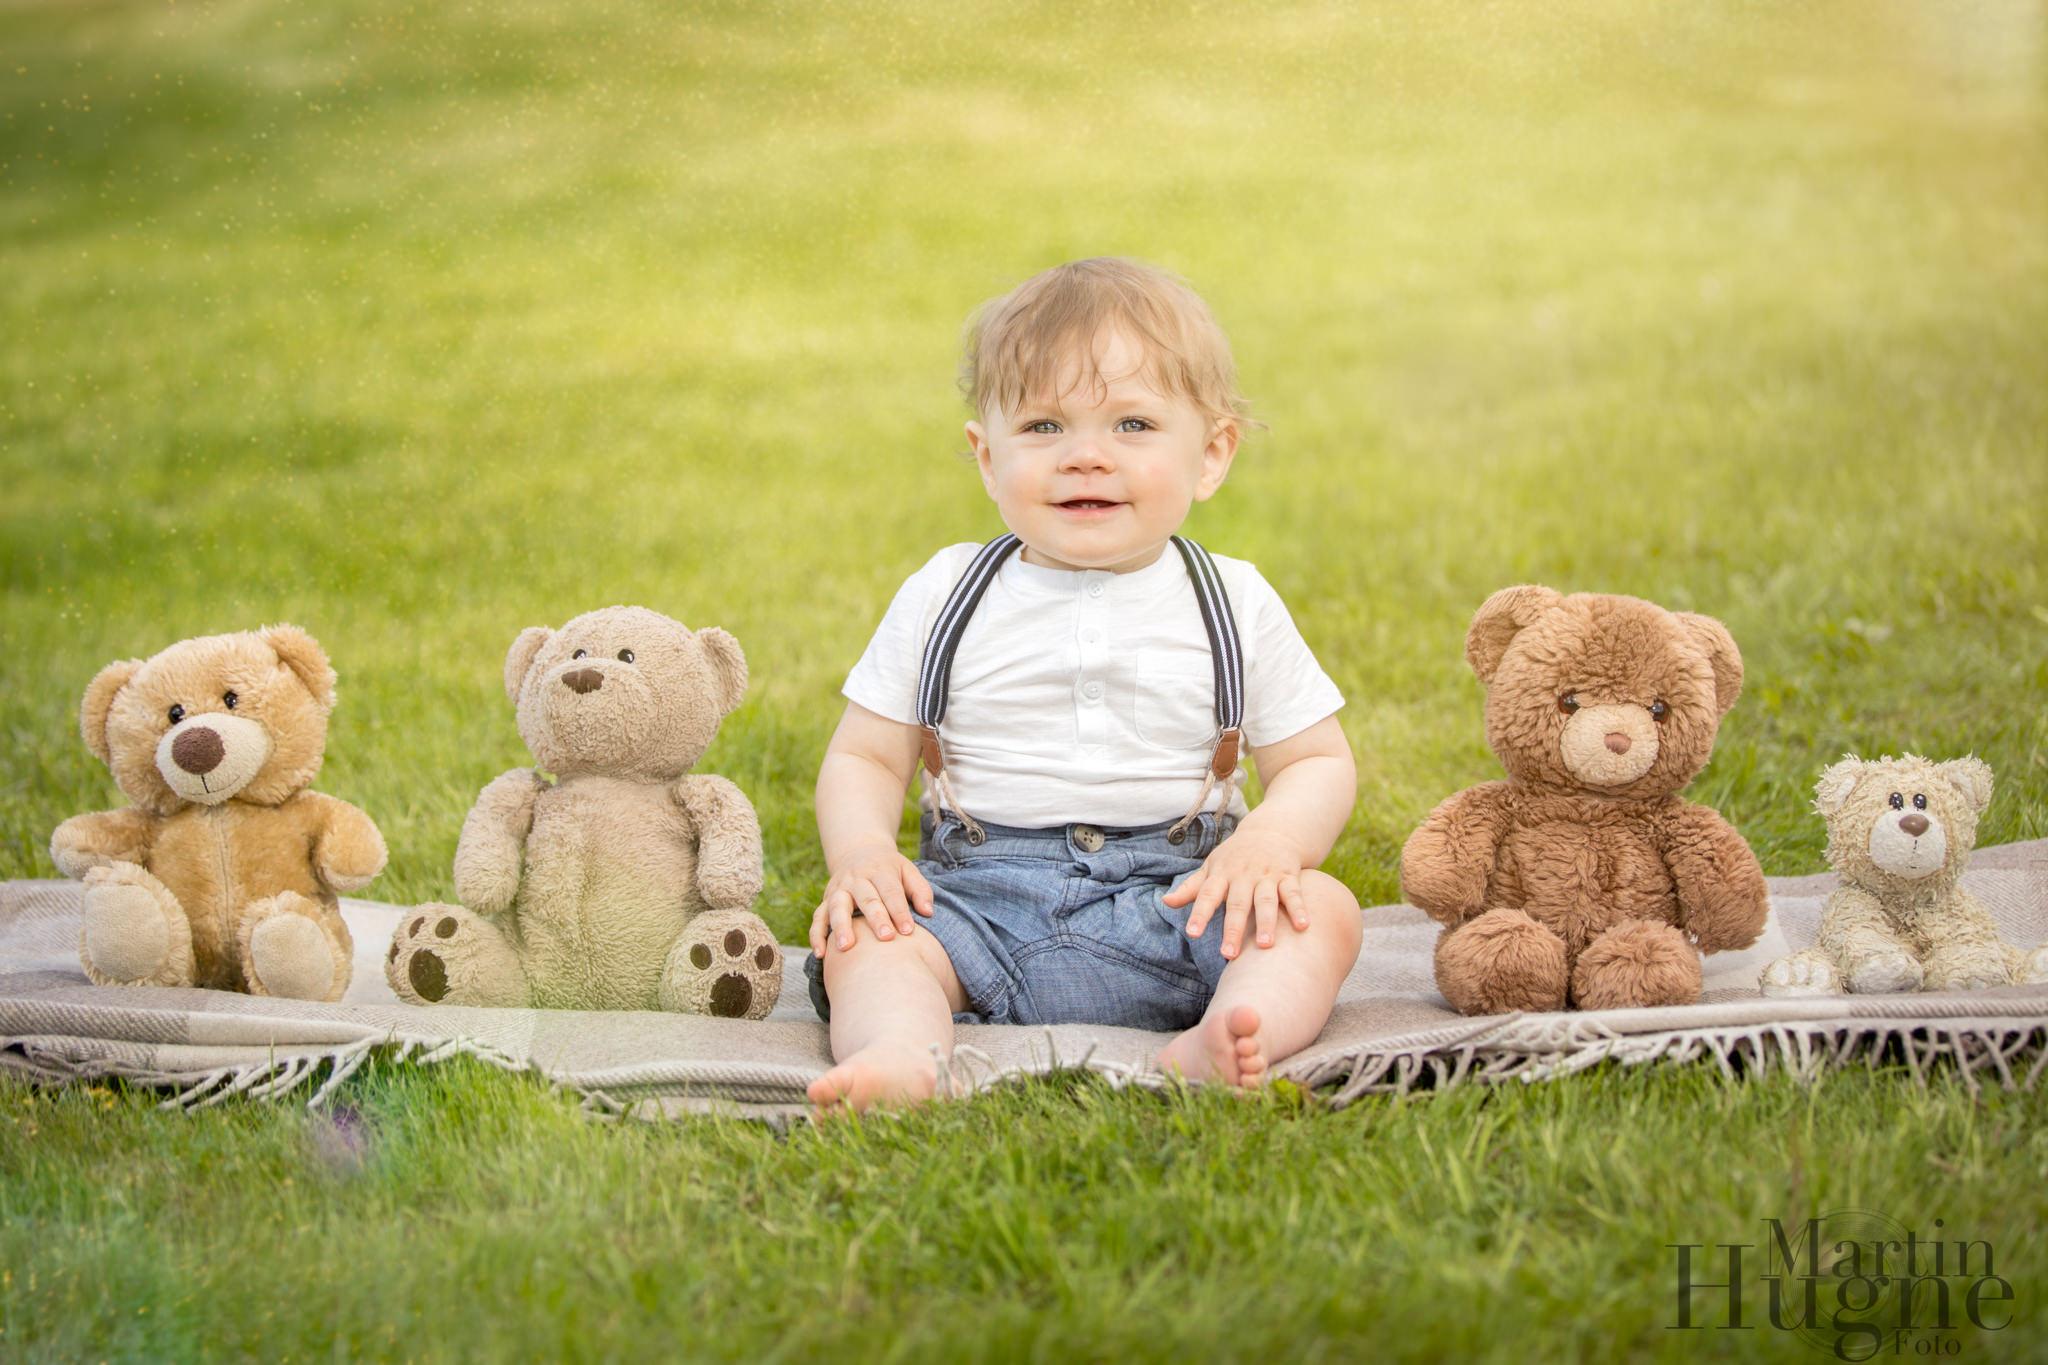 Baby with teddy bears.jpg